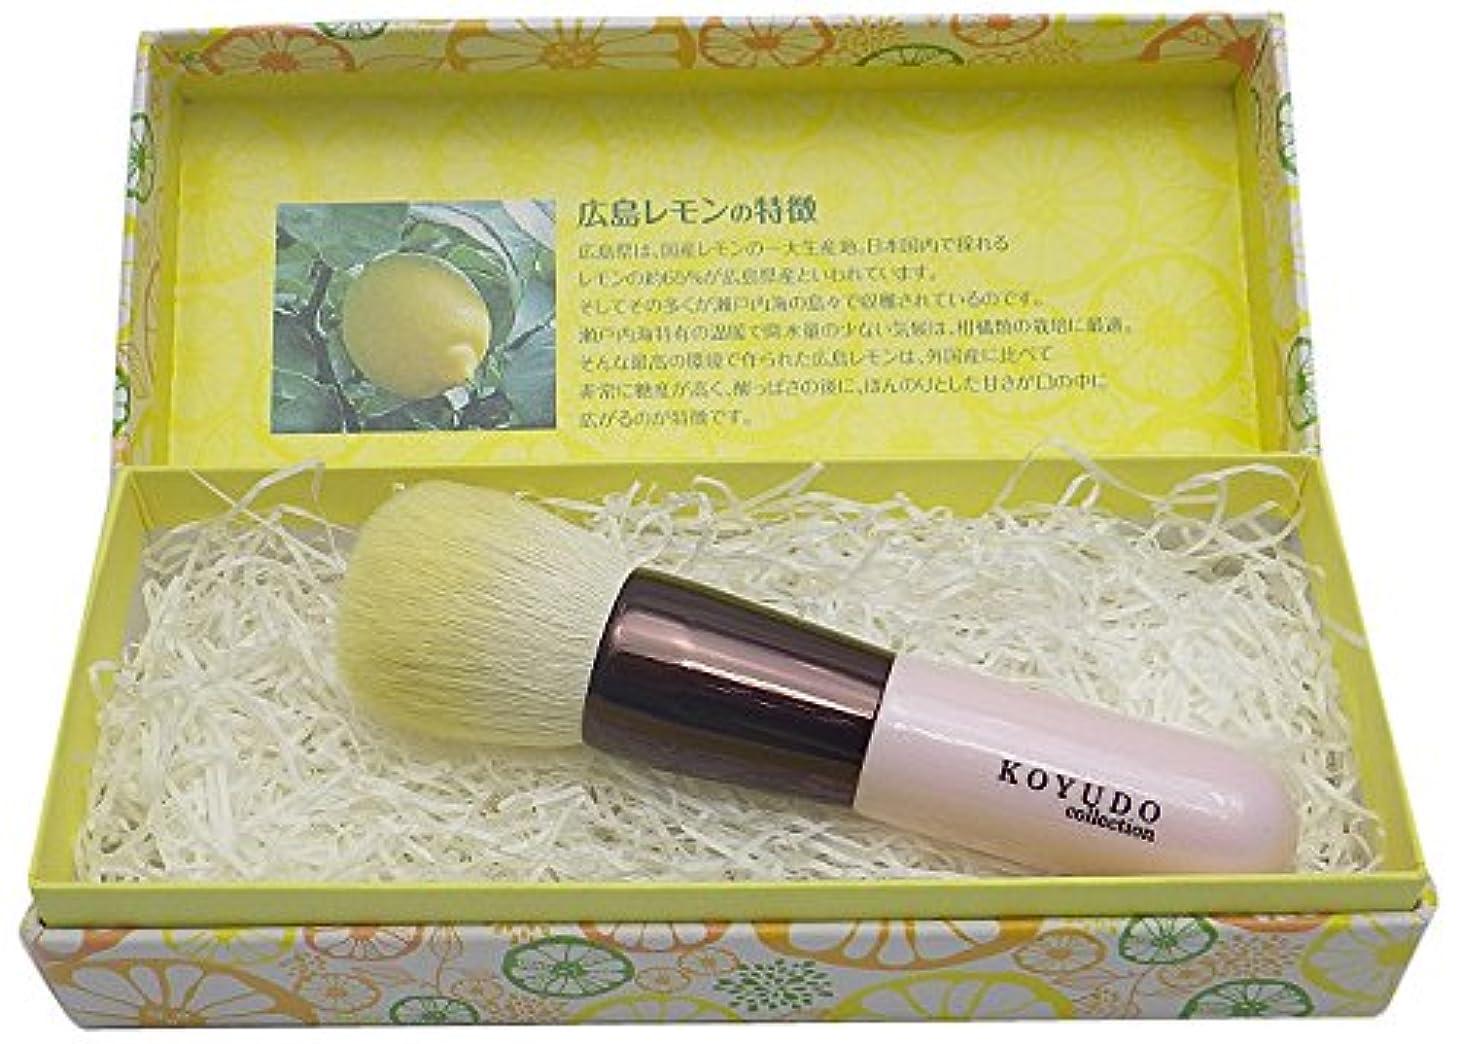 引数講師囚人熊野筆 広島レモンブラシ(アロマ入りチークブラシ) KOYUDO Collection